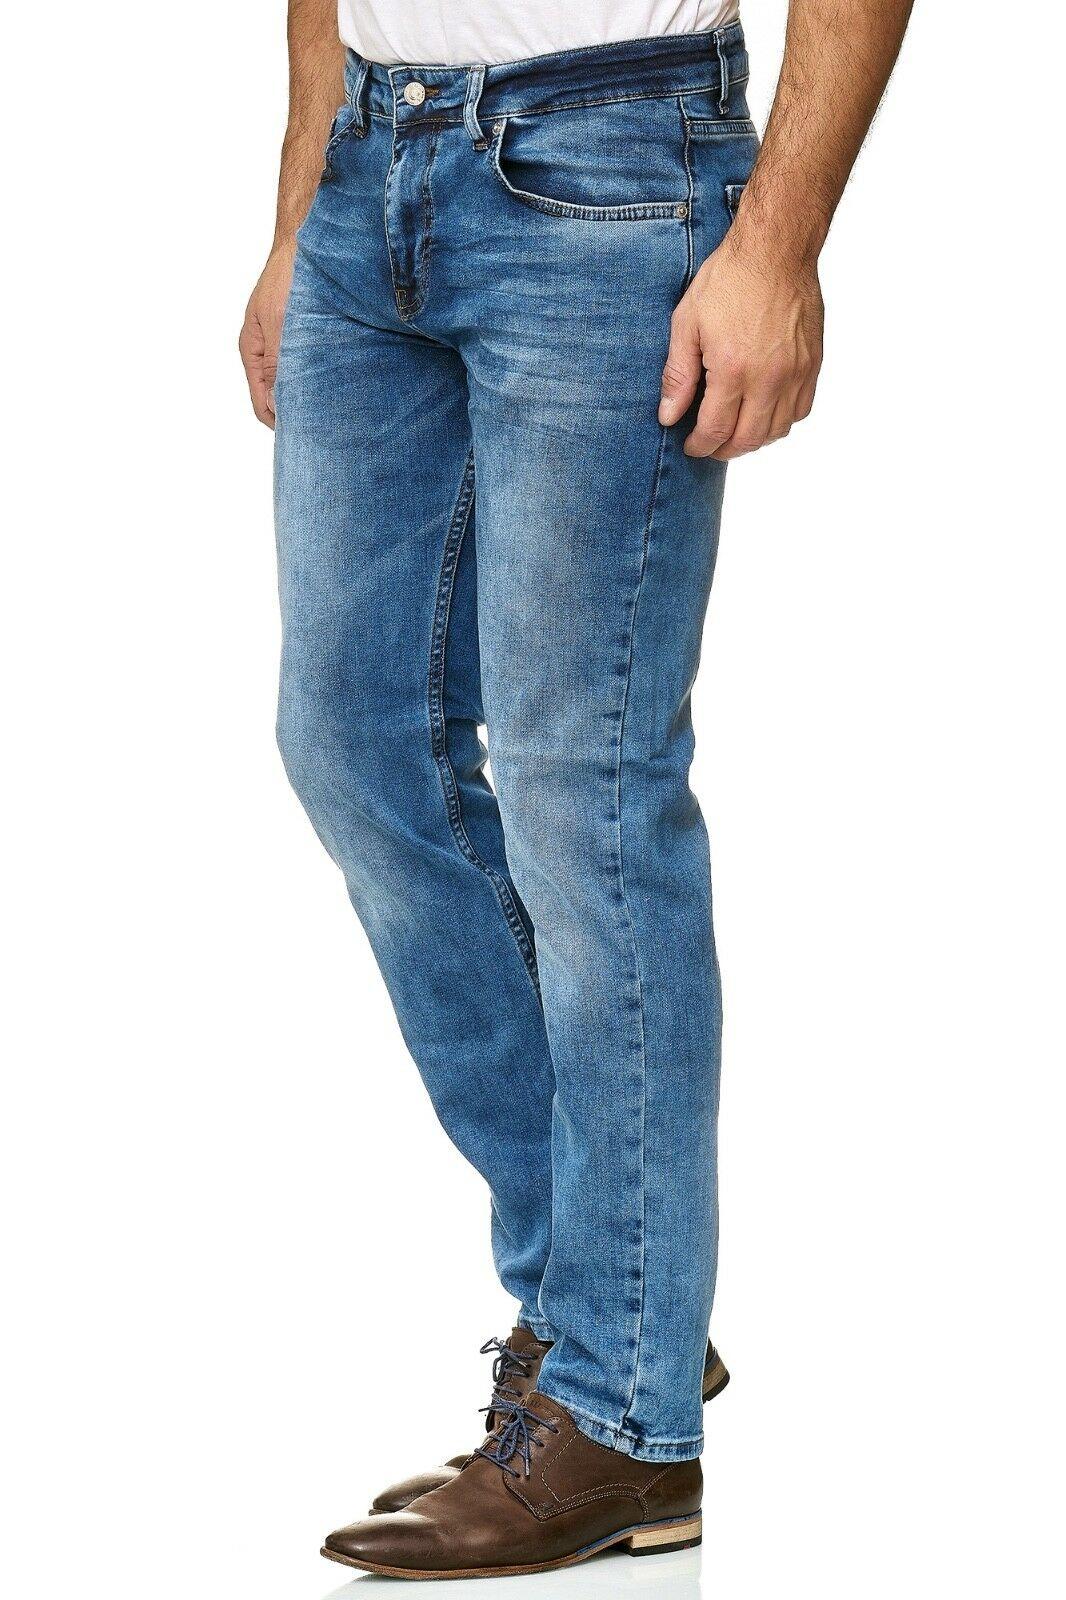 Herren-Jeanshosen-Stretch-Hose-Slim-fit-SKINNY-Jeans-Blau-Schwarz-Grau-Weiss Indexbild 53